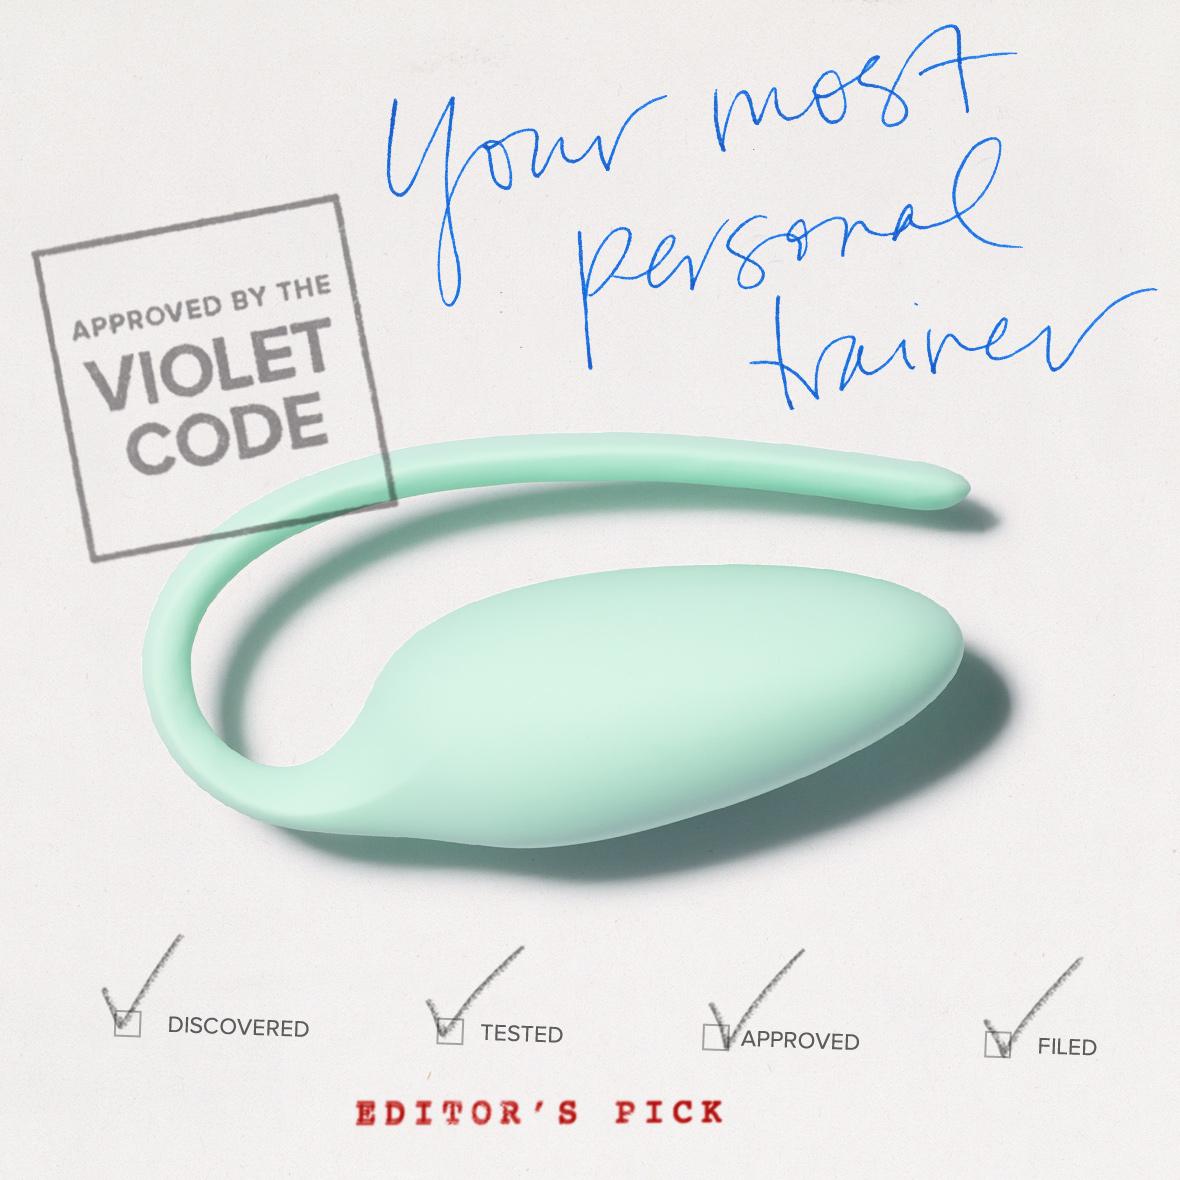 ABTVC-Social-Editors-Pick-elvie-kegel-exercise-tracker.jpg